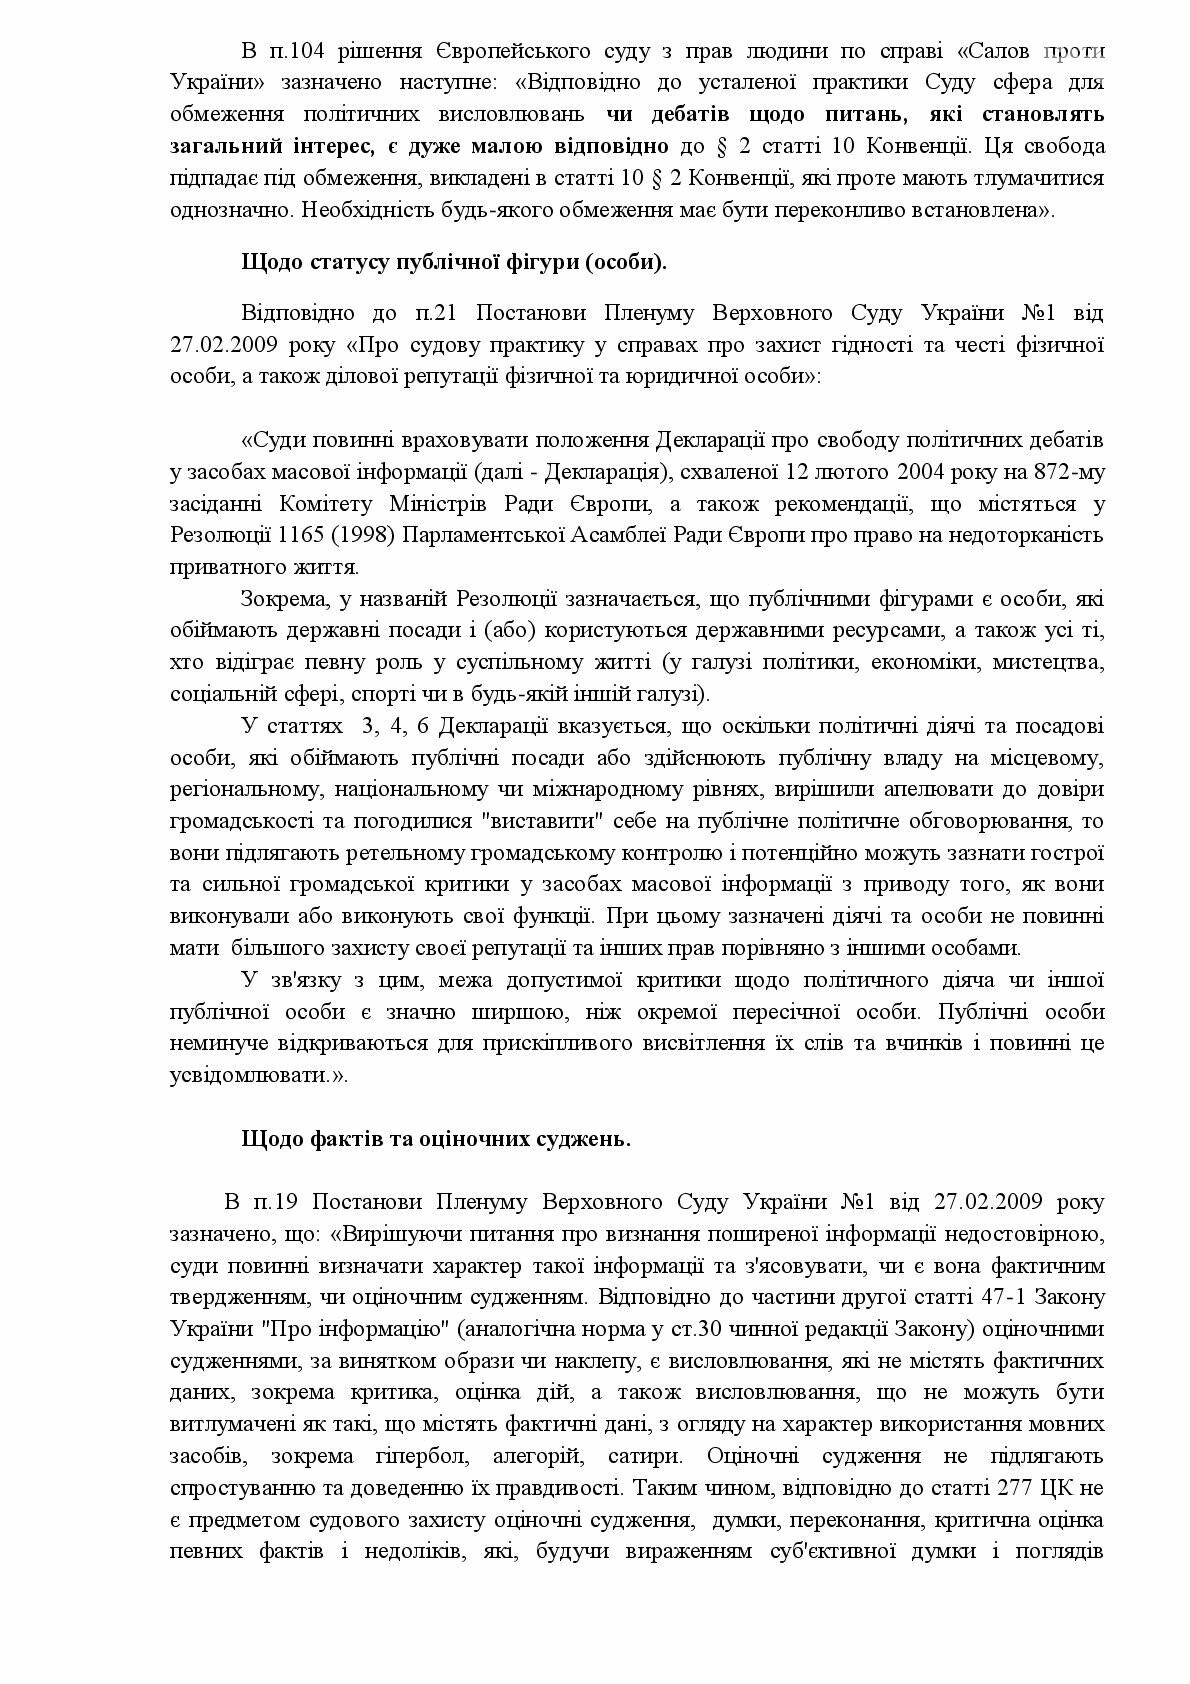 Депутат Гришин официально потребовал опровергнуть информацию о состоянии погибшего в ДТП. Ответ редакции 061, фото-2